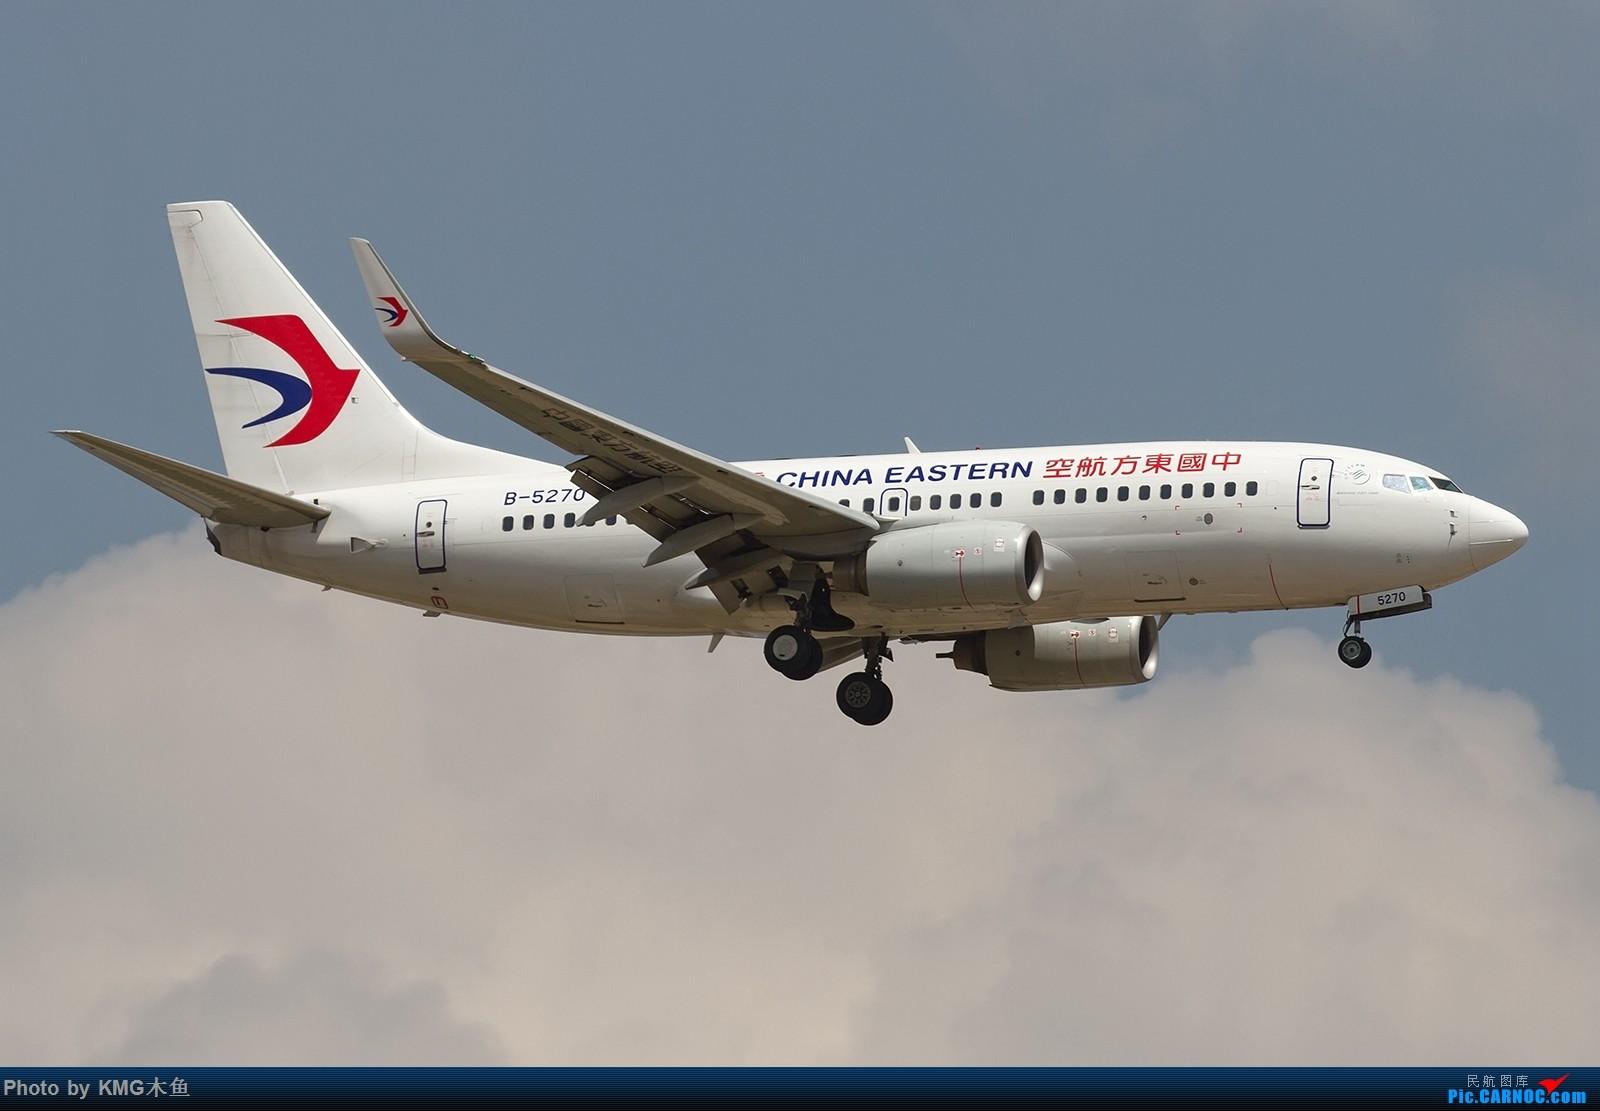 Re:[原创]【昆明长水国际机场——KMG木鱼拍机】第一次大中午的拍飞机,还好宽体比较多,也算是值得了 BOEING 737-700 B-5270 中国昆明长水国际机场